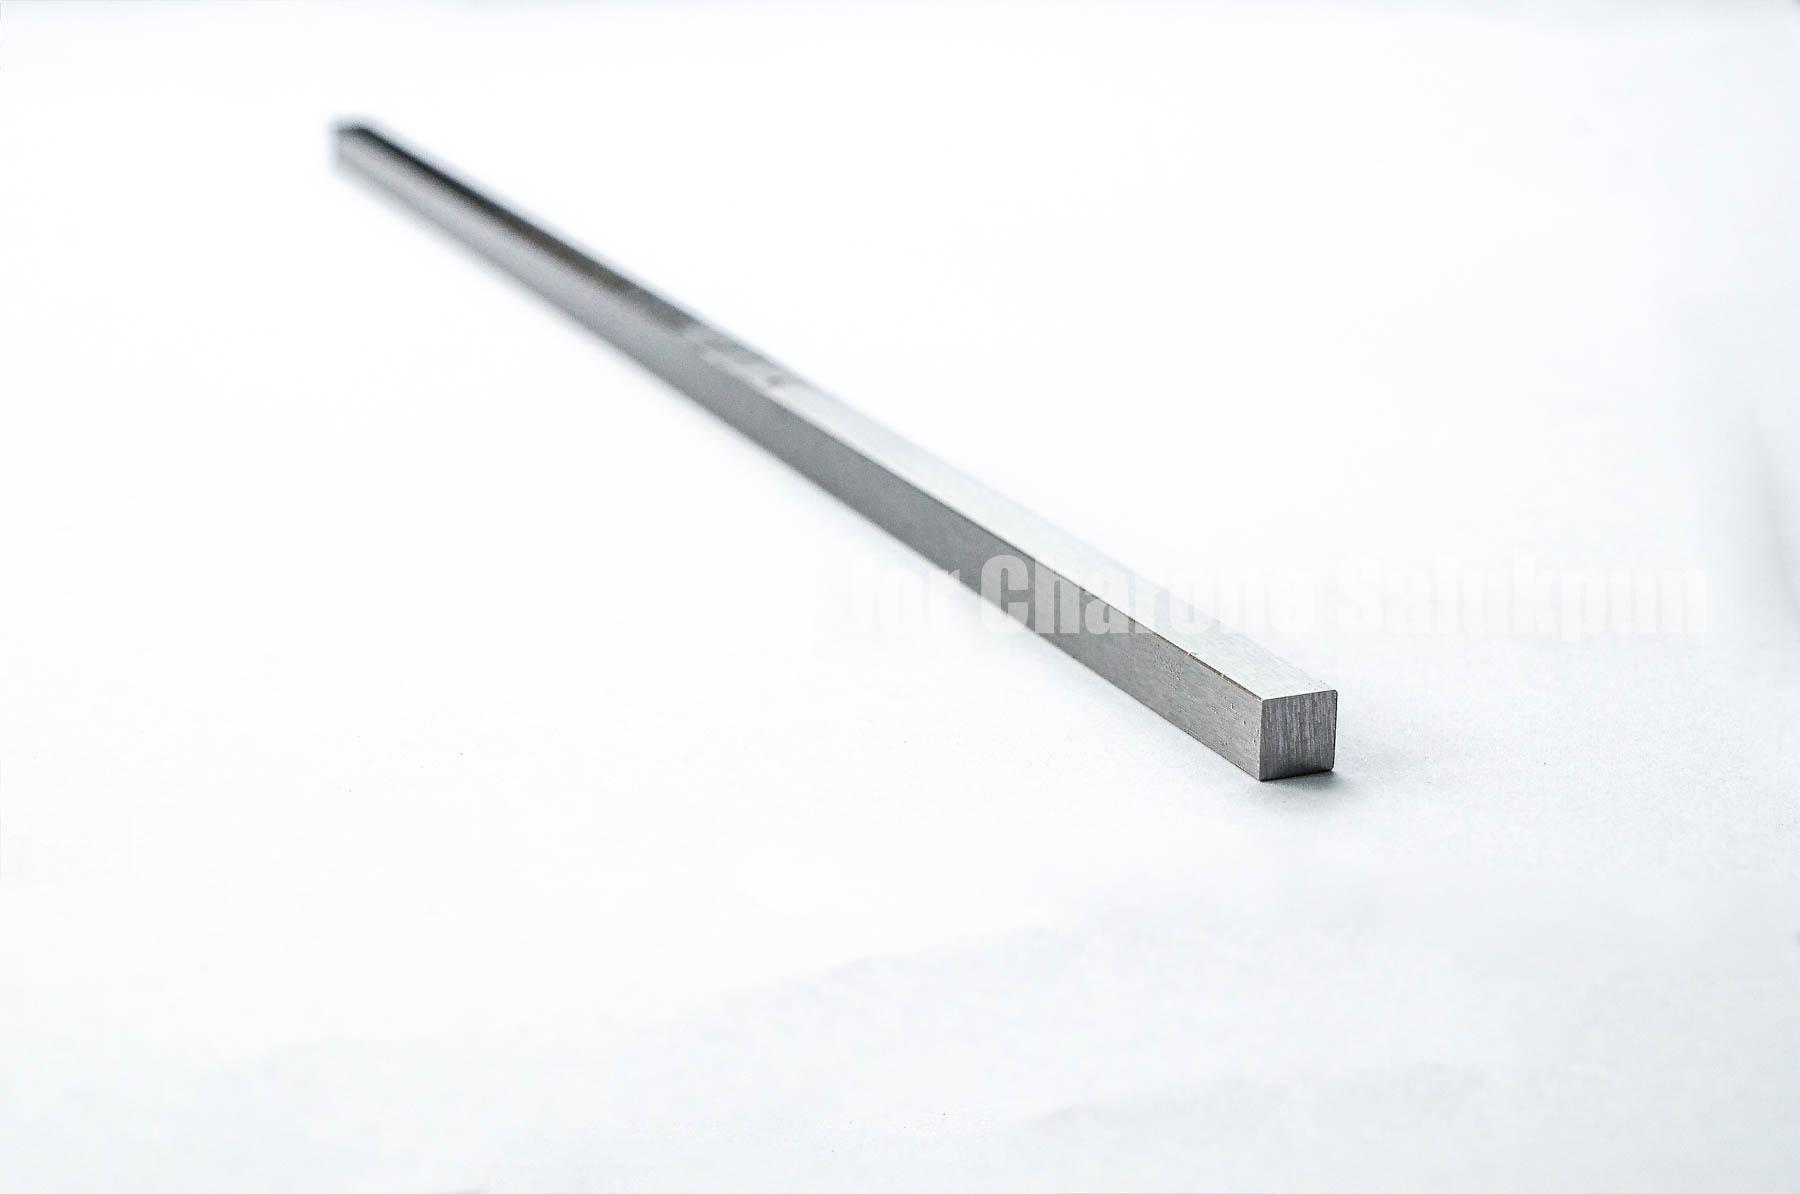 ลิ่มแท่งเหล็ก/เหล็กแท่งสี่เหลี่ยมตัน S45C 2x2x300 mm